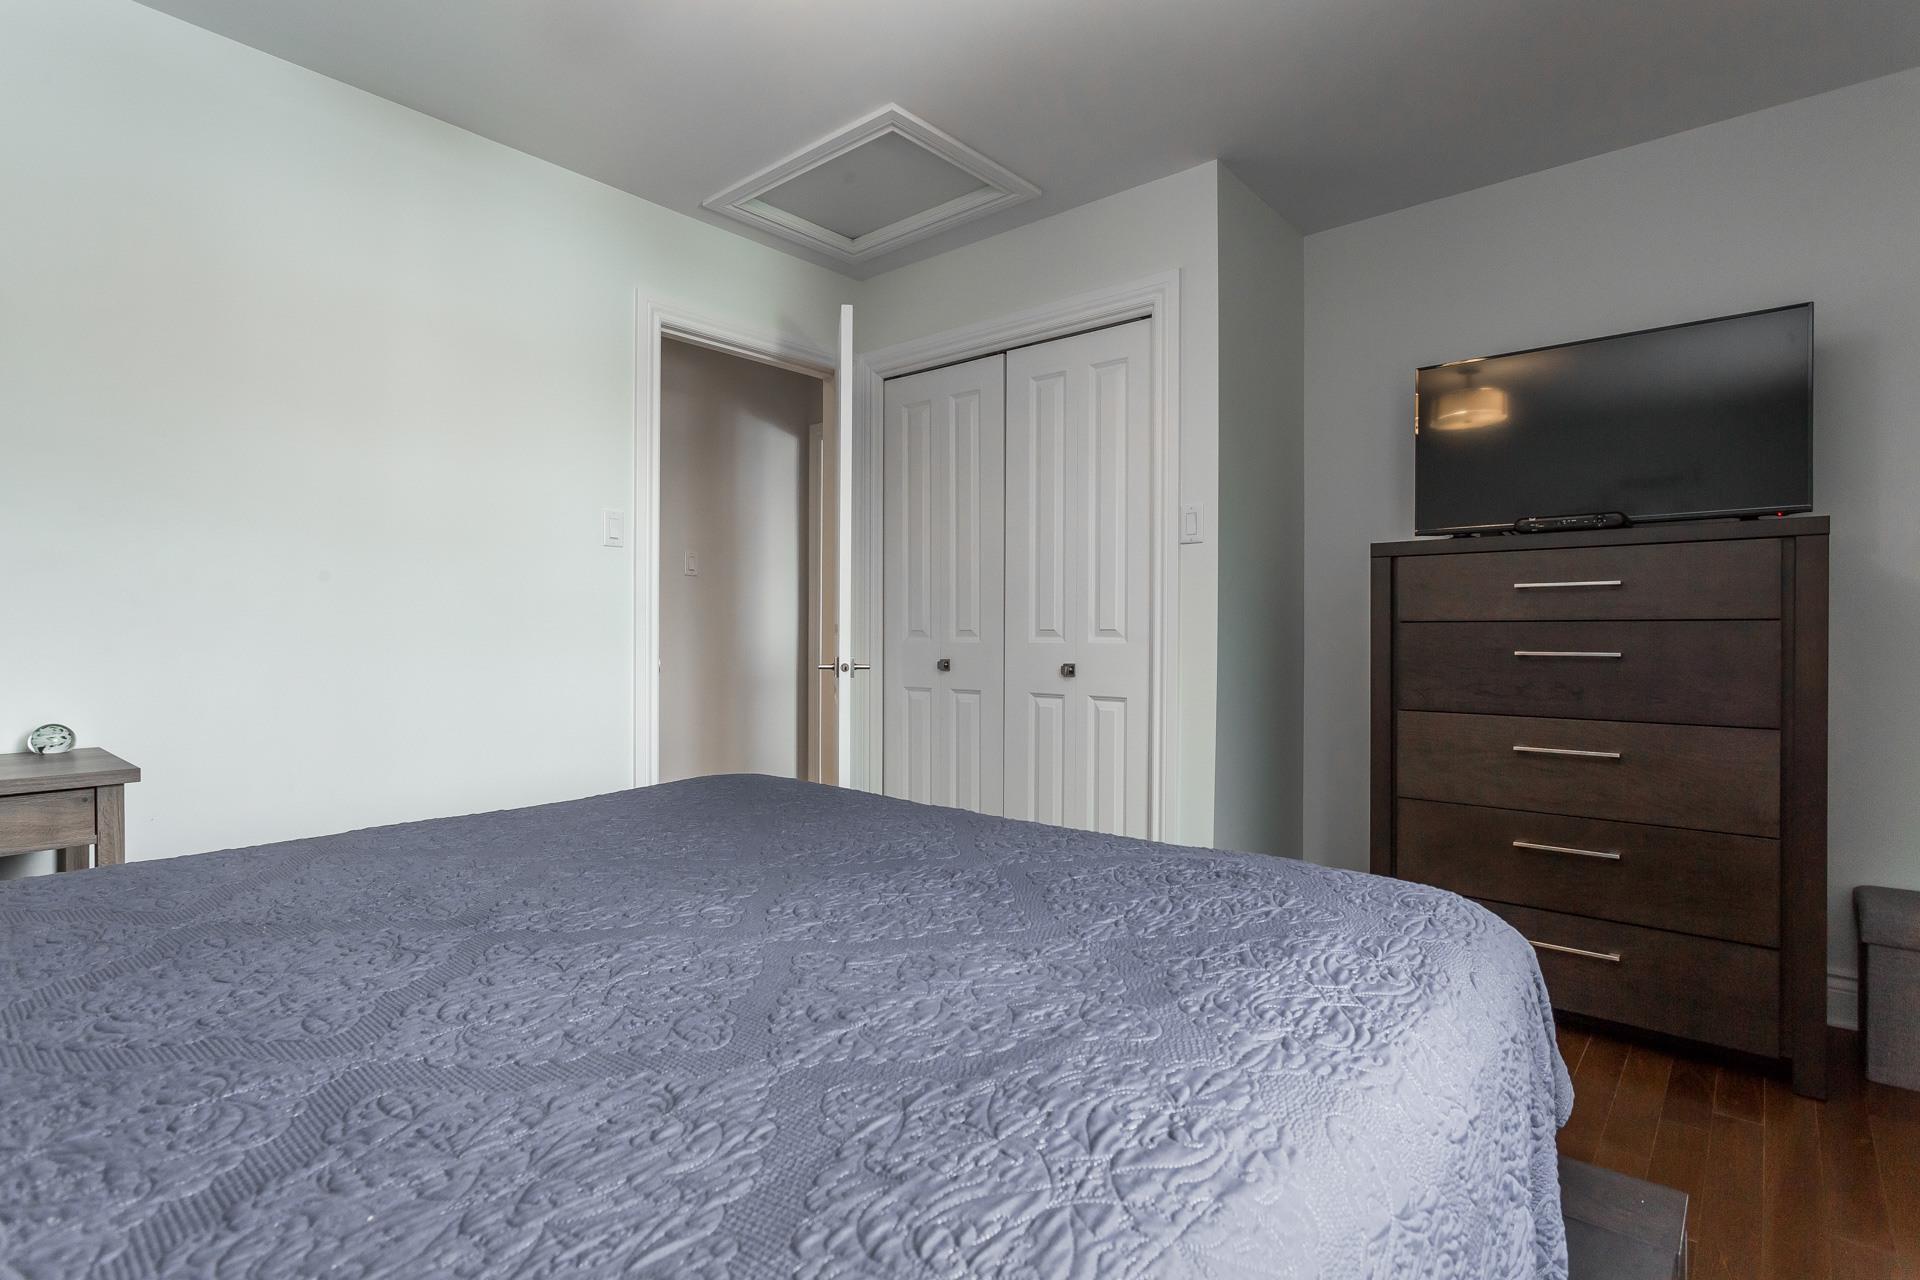 image 27 - Maison À vendre Laval Duvernay - 1 pièce